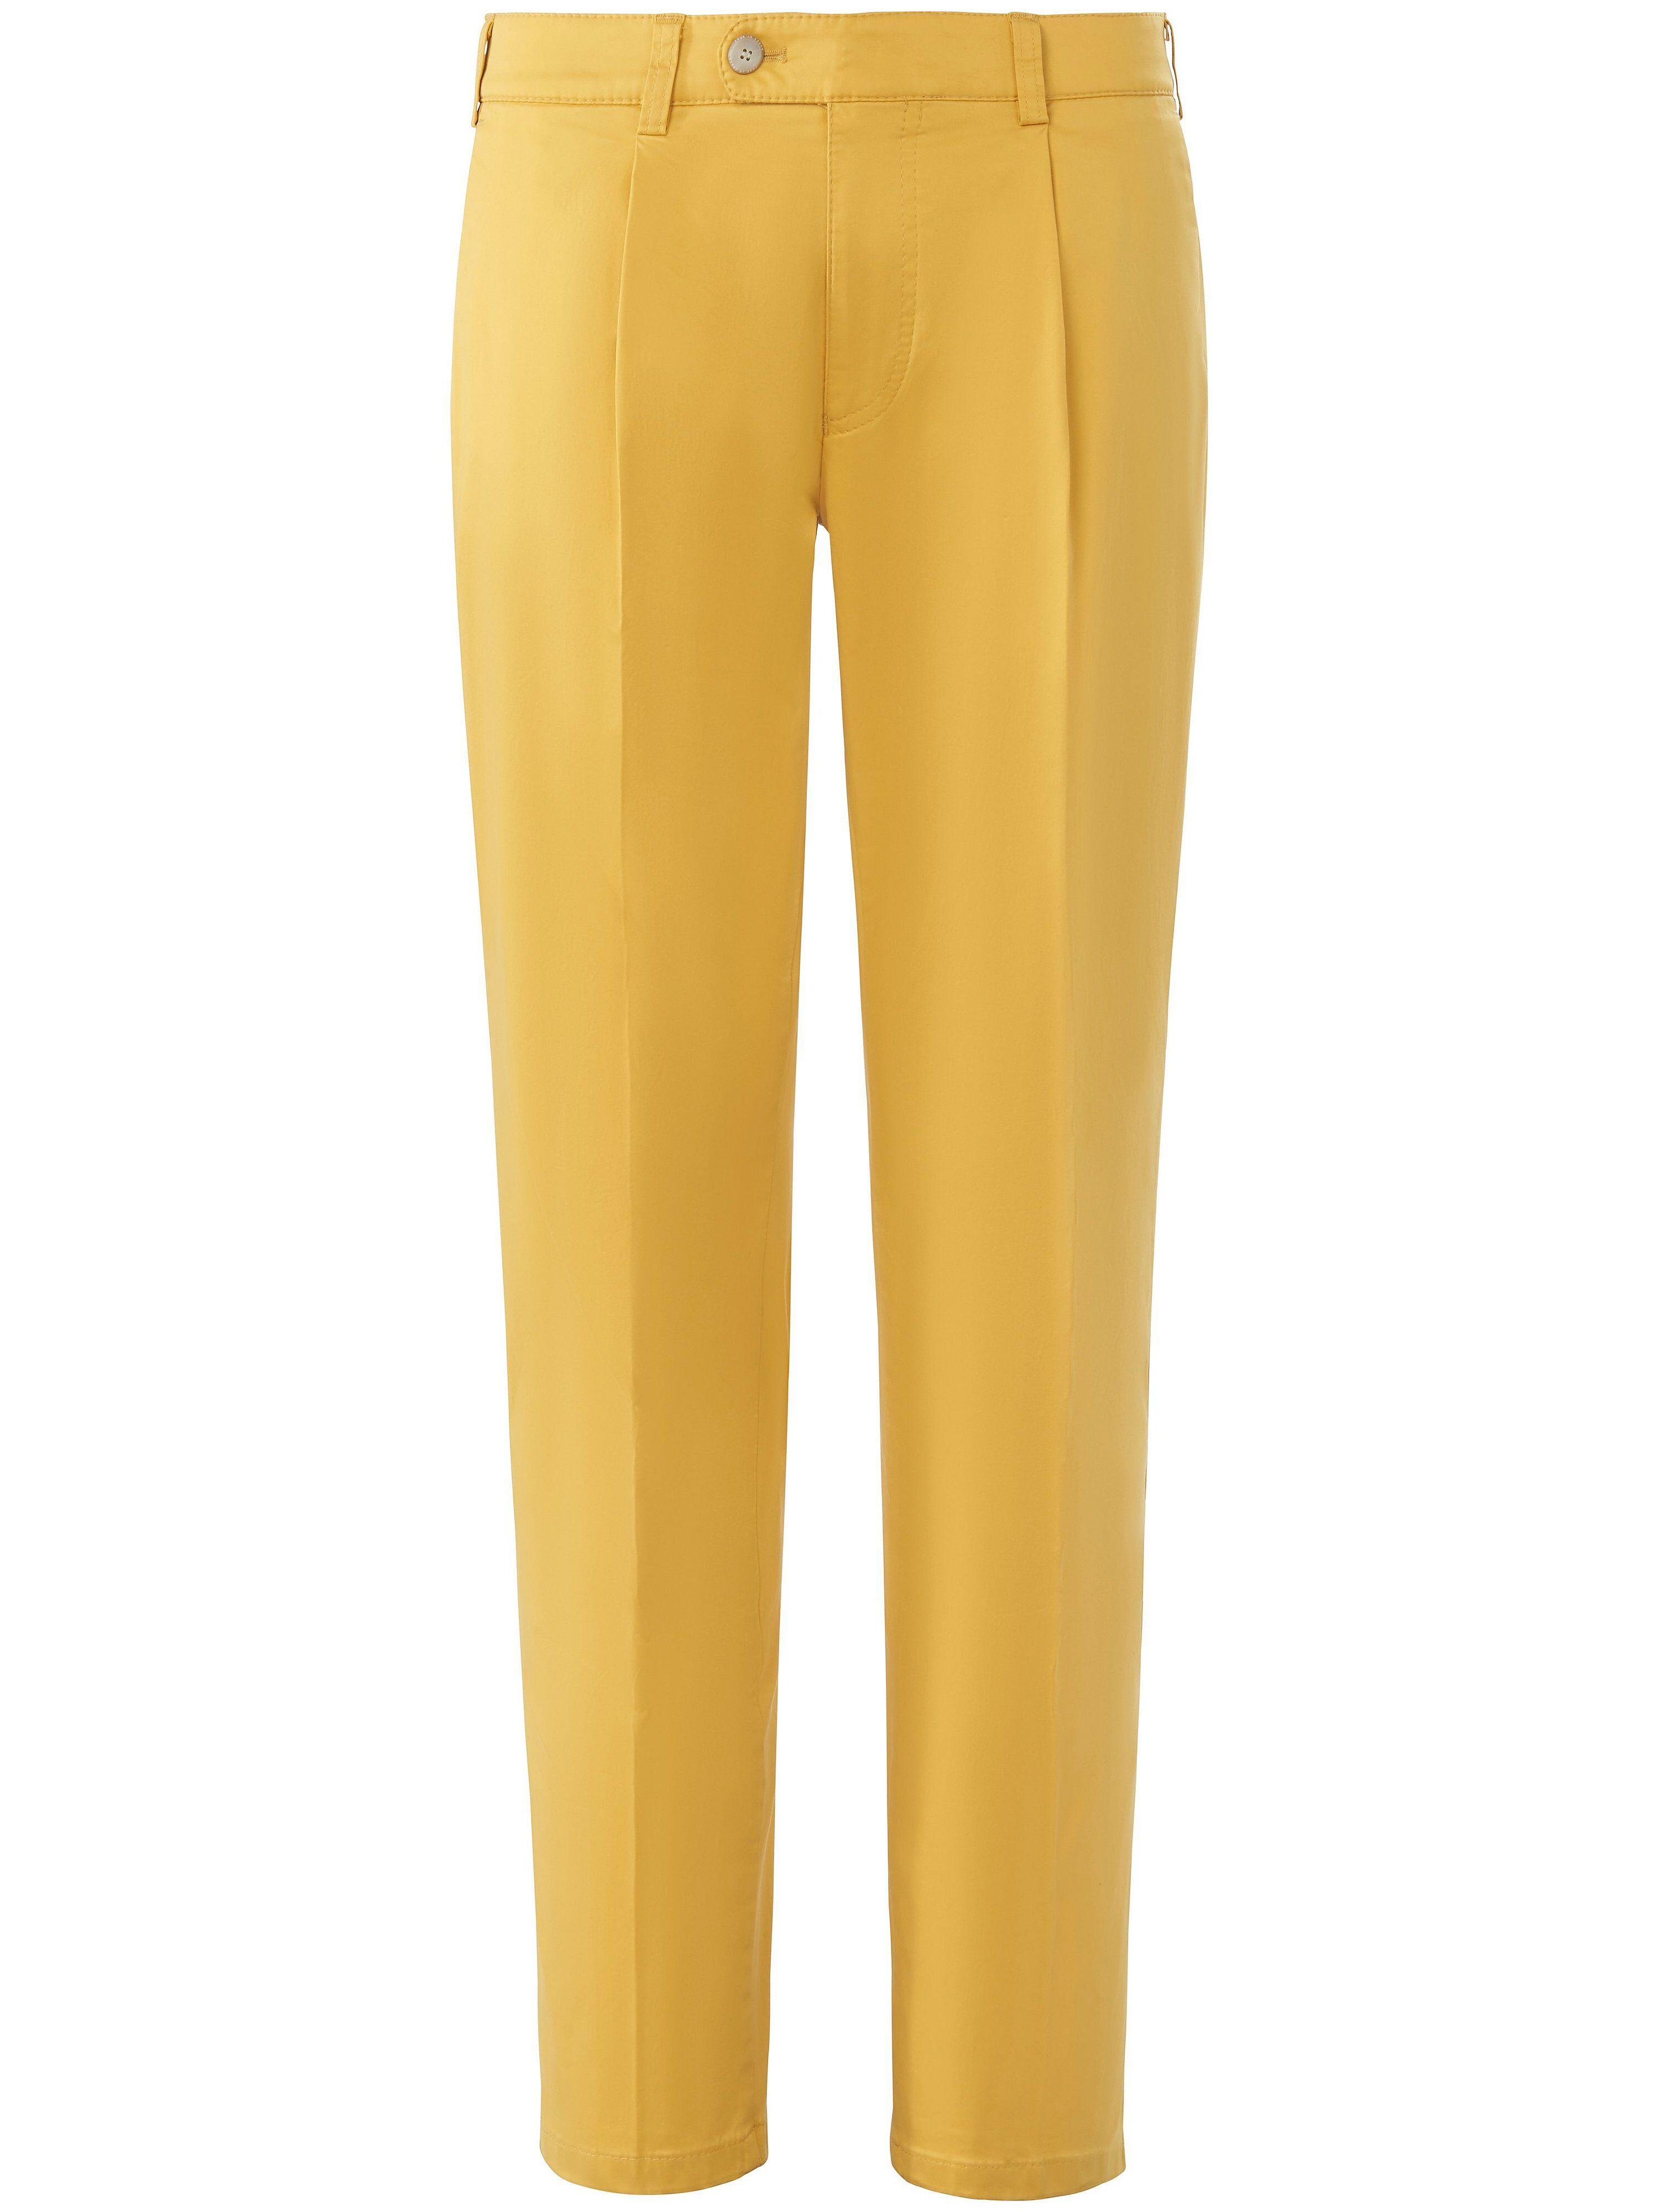 Brax Le pantalon à pinces modèle Luis  Eurex by Brax jaune  - Homme - 28